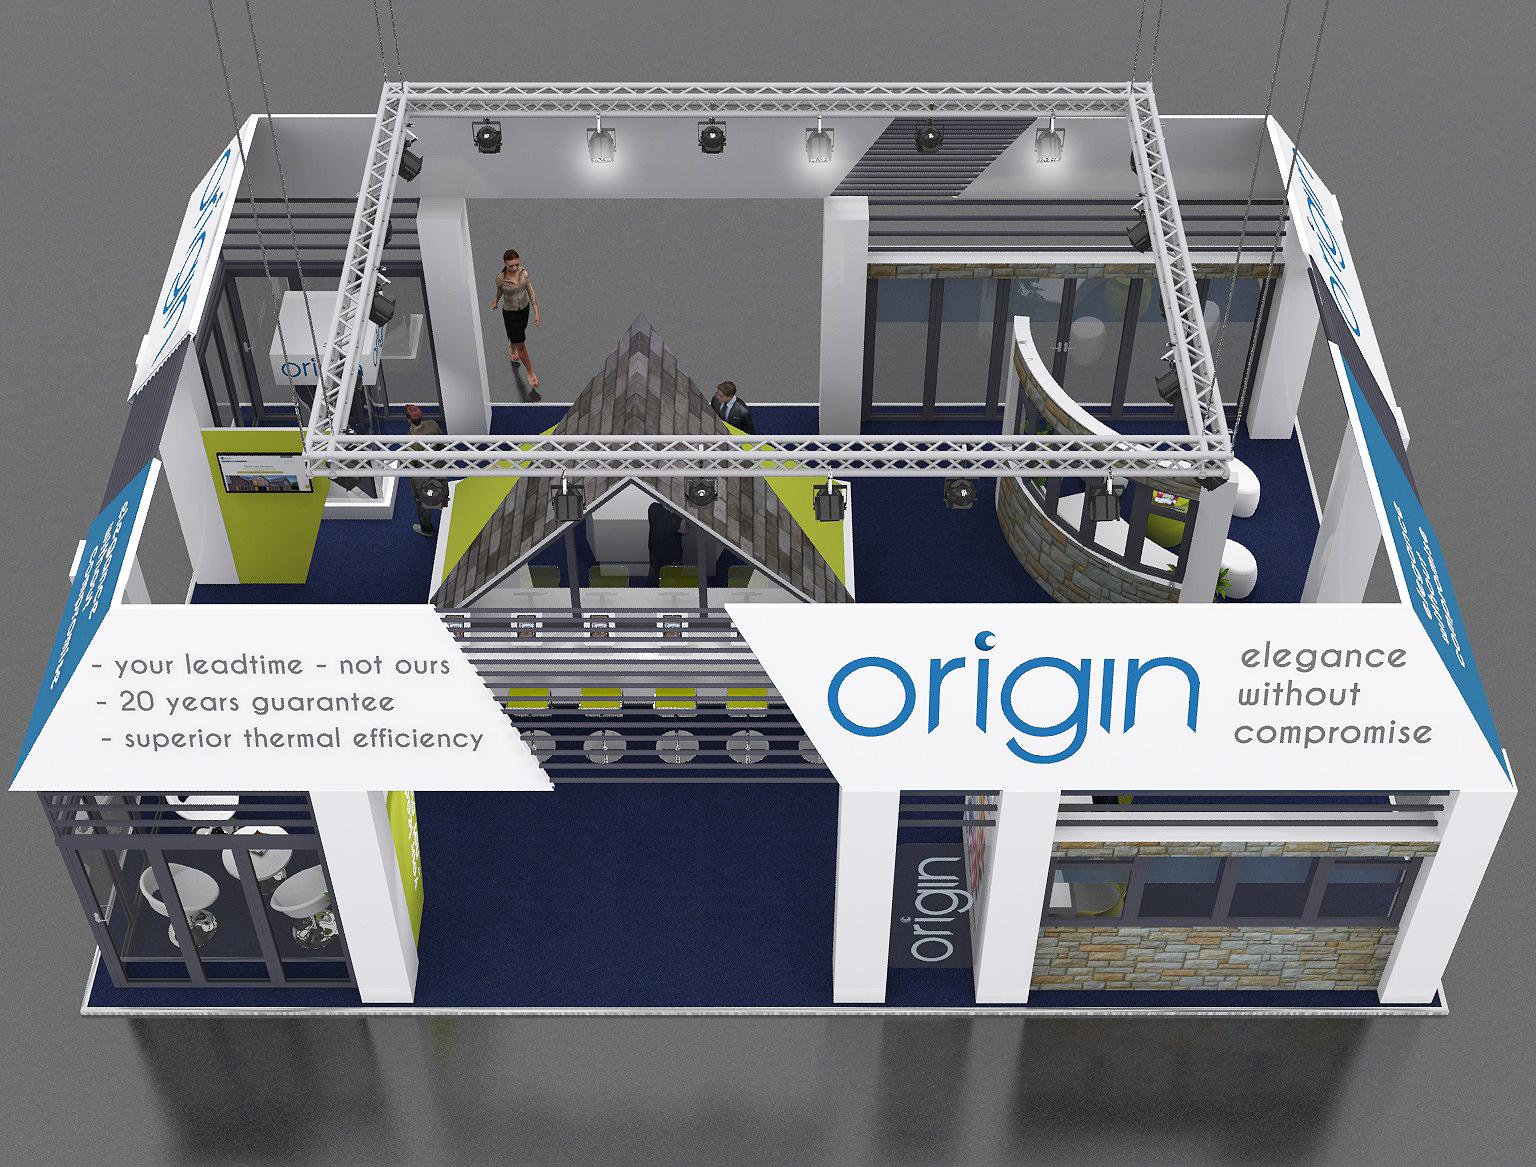 Origin 9